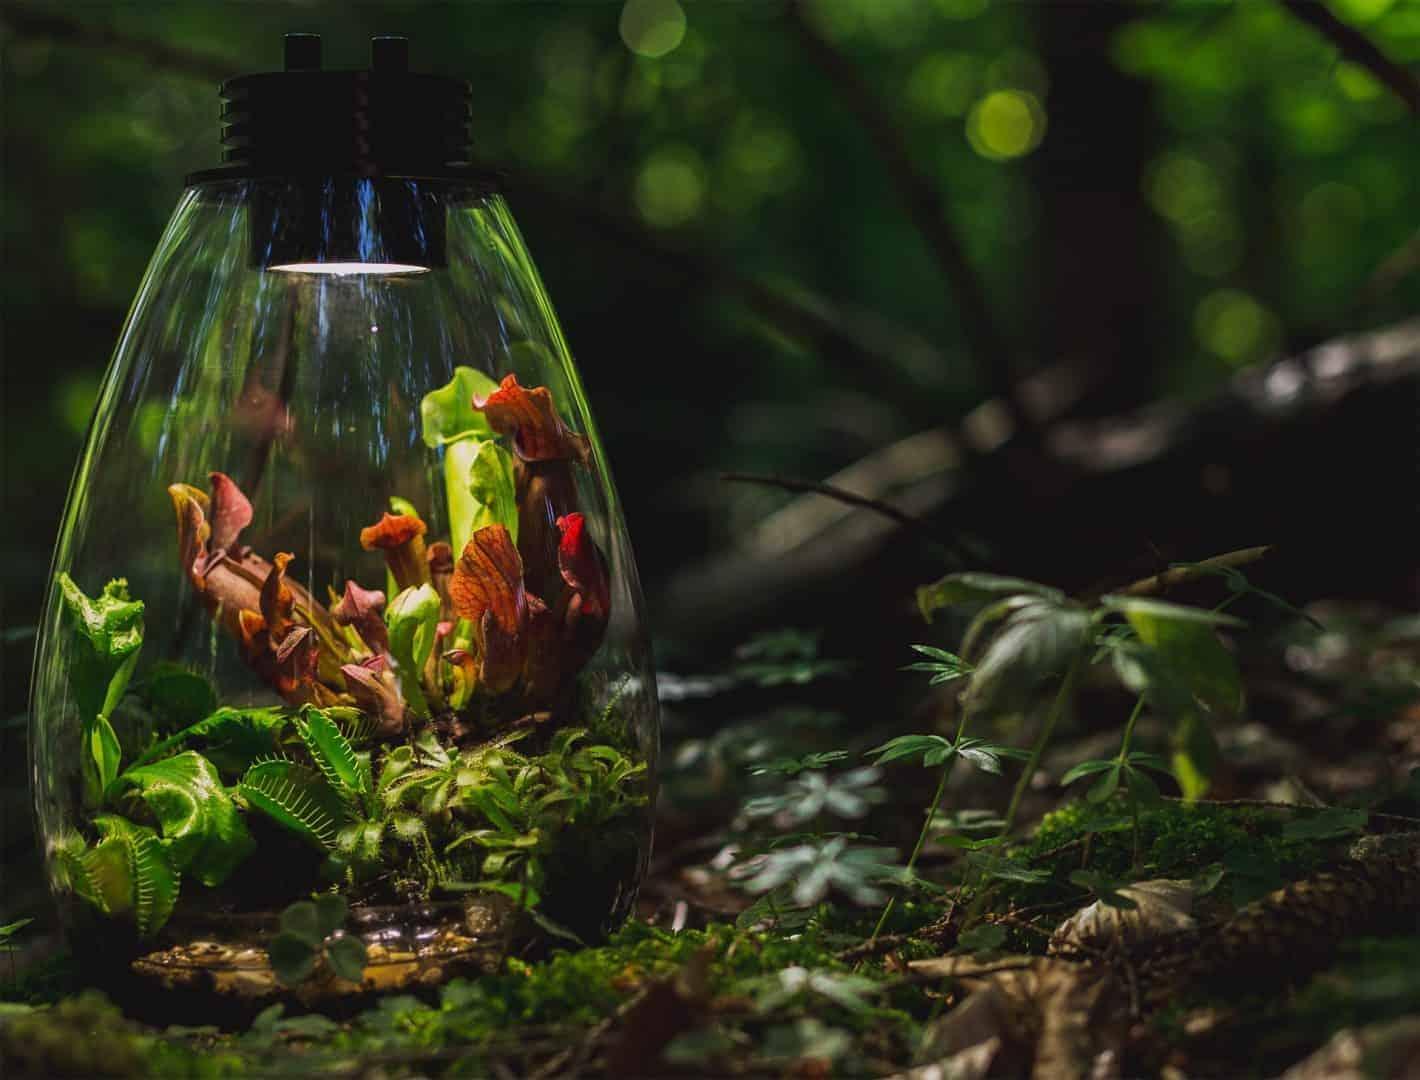 207 - Baiosphere - Das Planzenterrarium: Mikrokosmos selbst für schwierige Pflanzen (Benedigt Vimalavong) 2